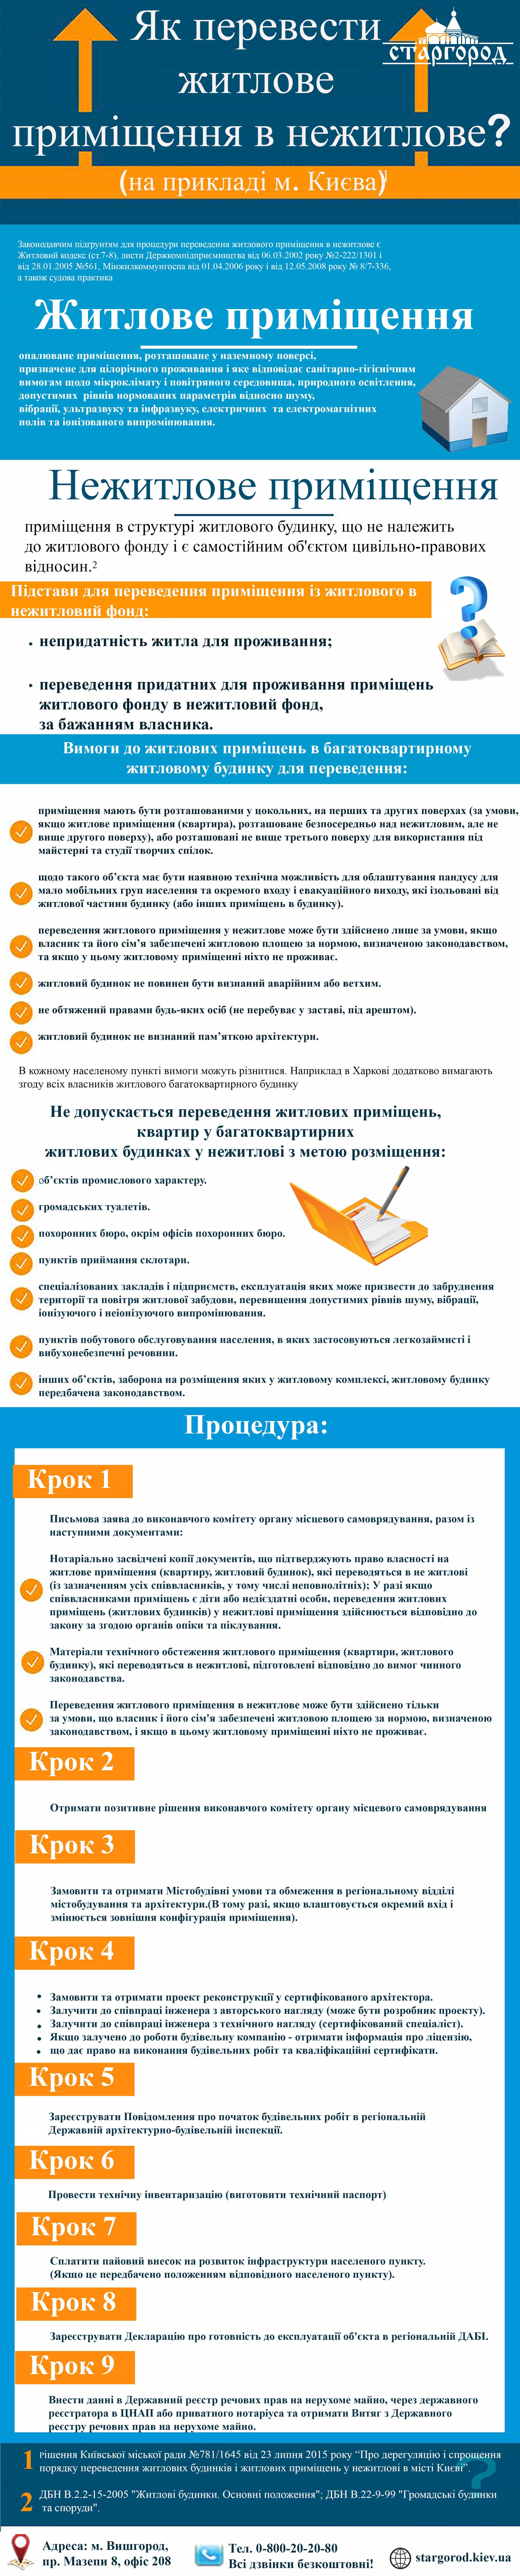 перевести житлове приміщення в нежитлове Київ